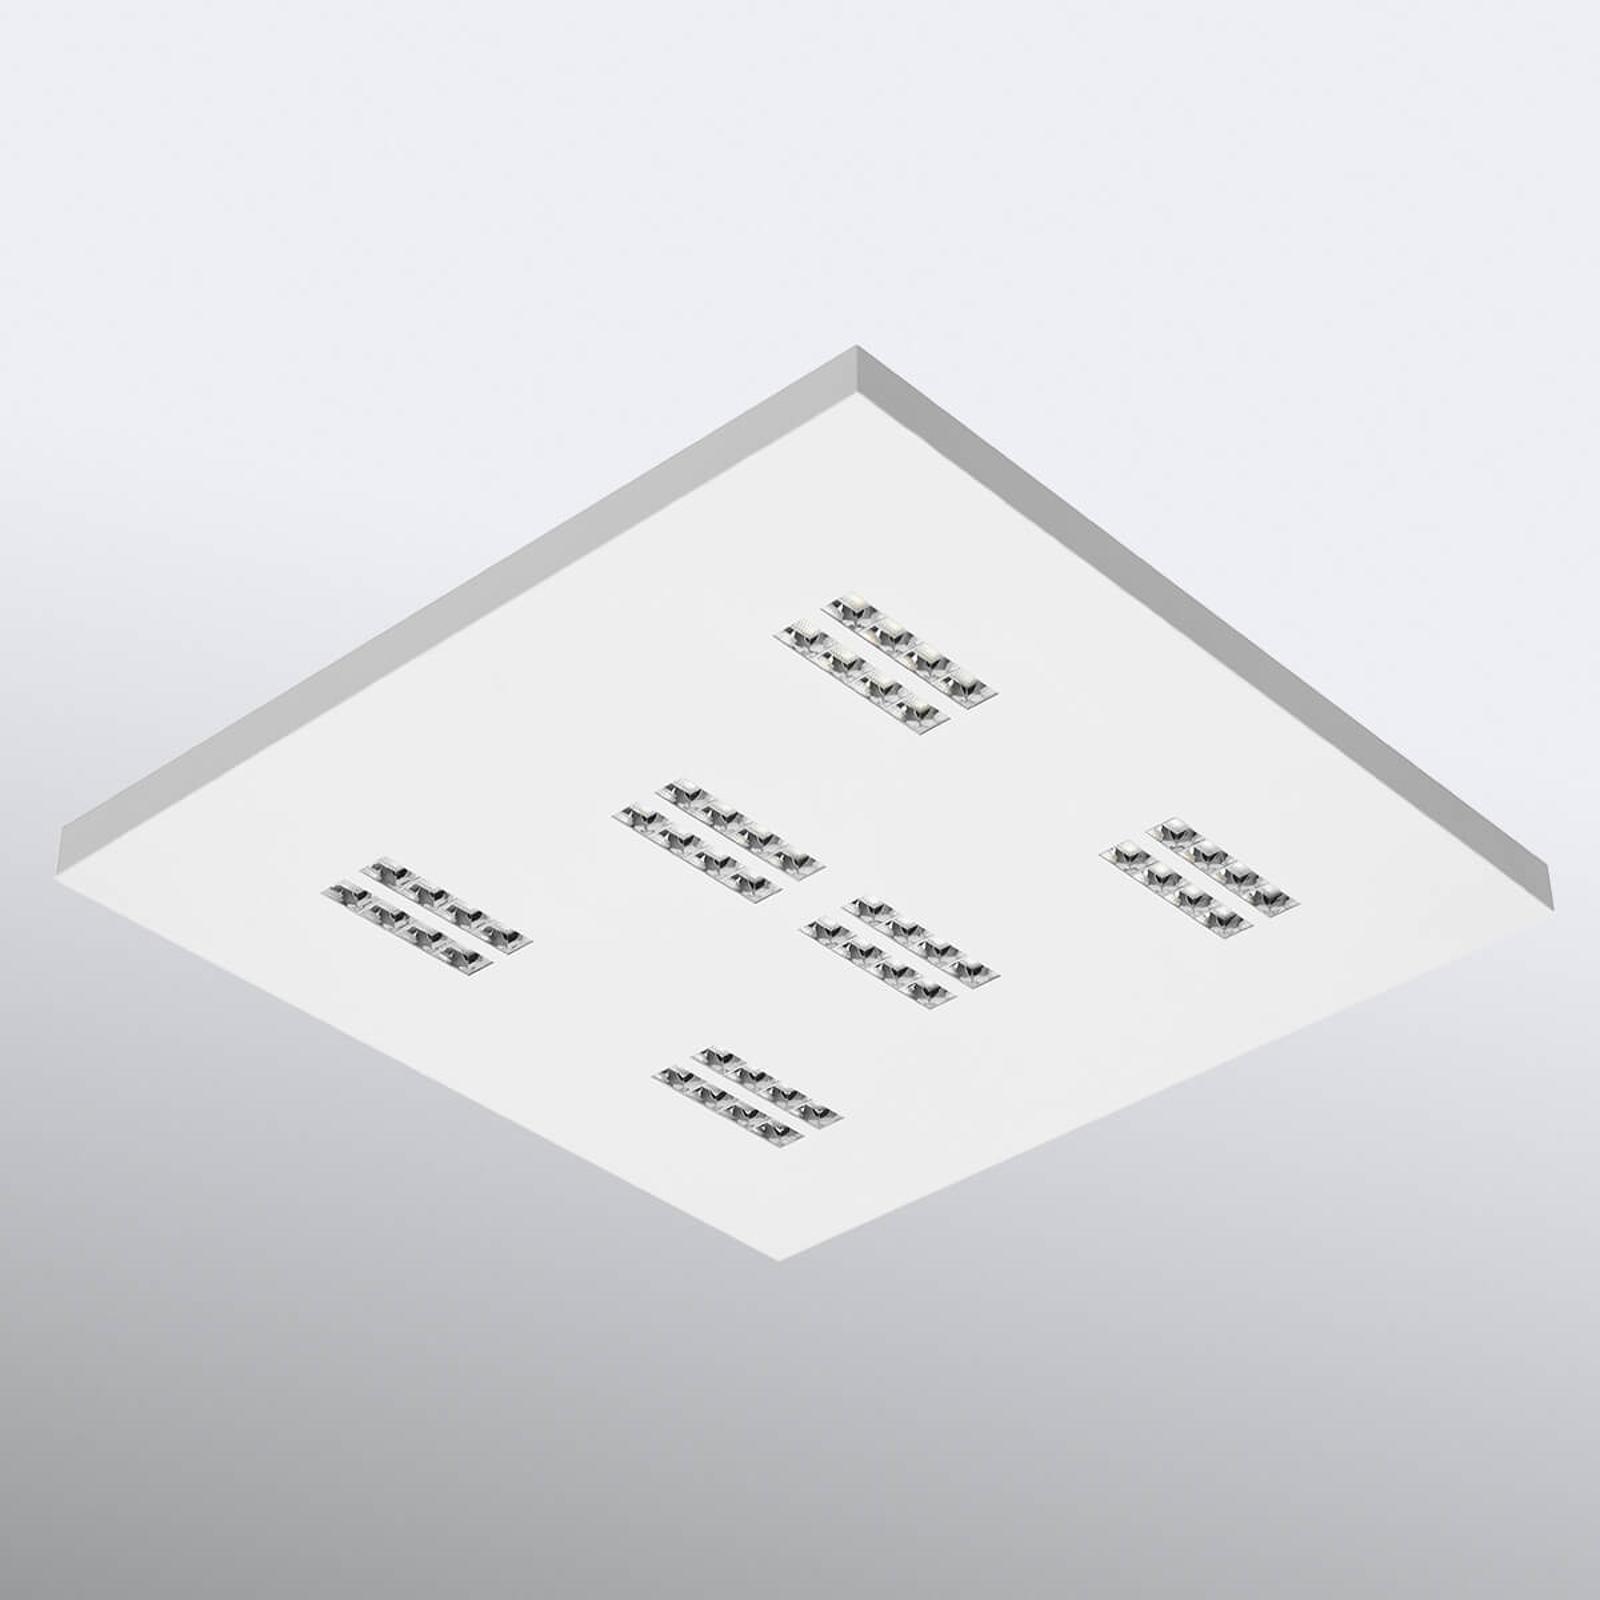 LED-taklampa Declan II SS1 kvadratiskt, 3000K